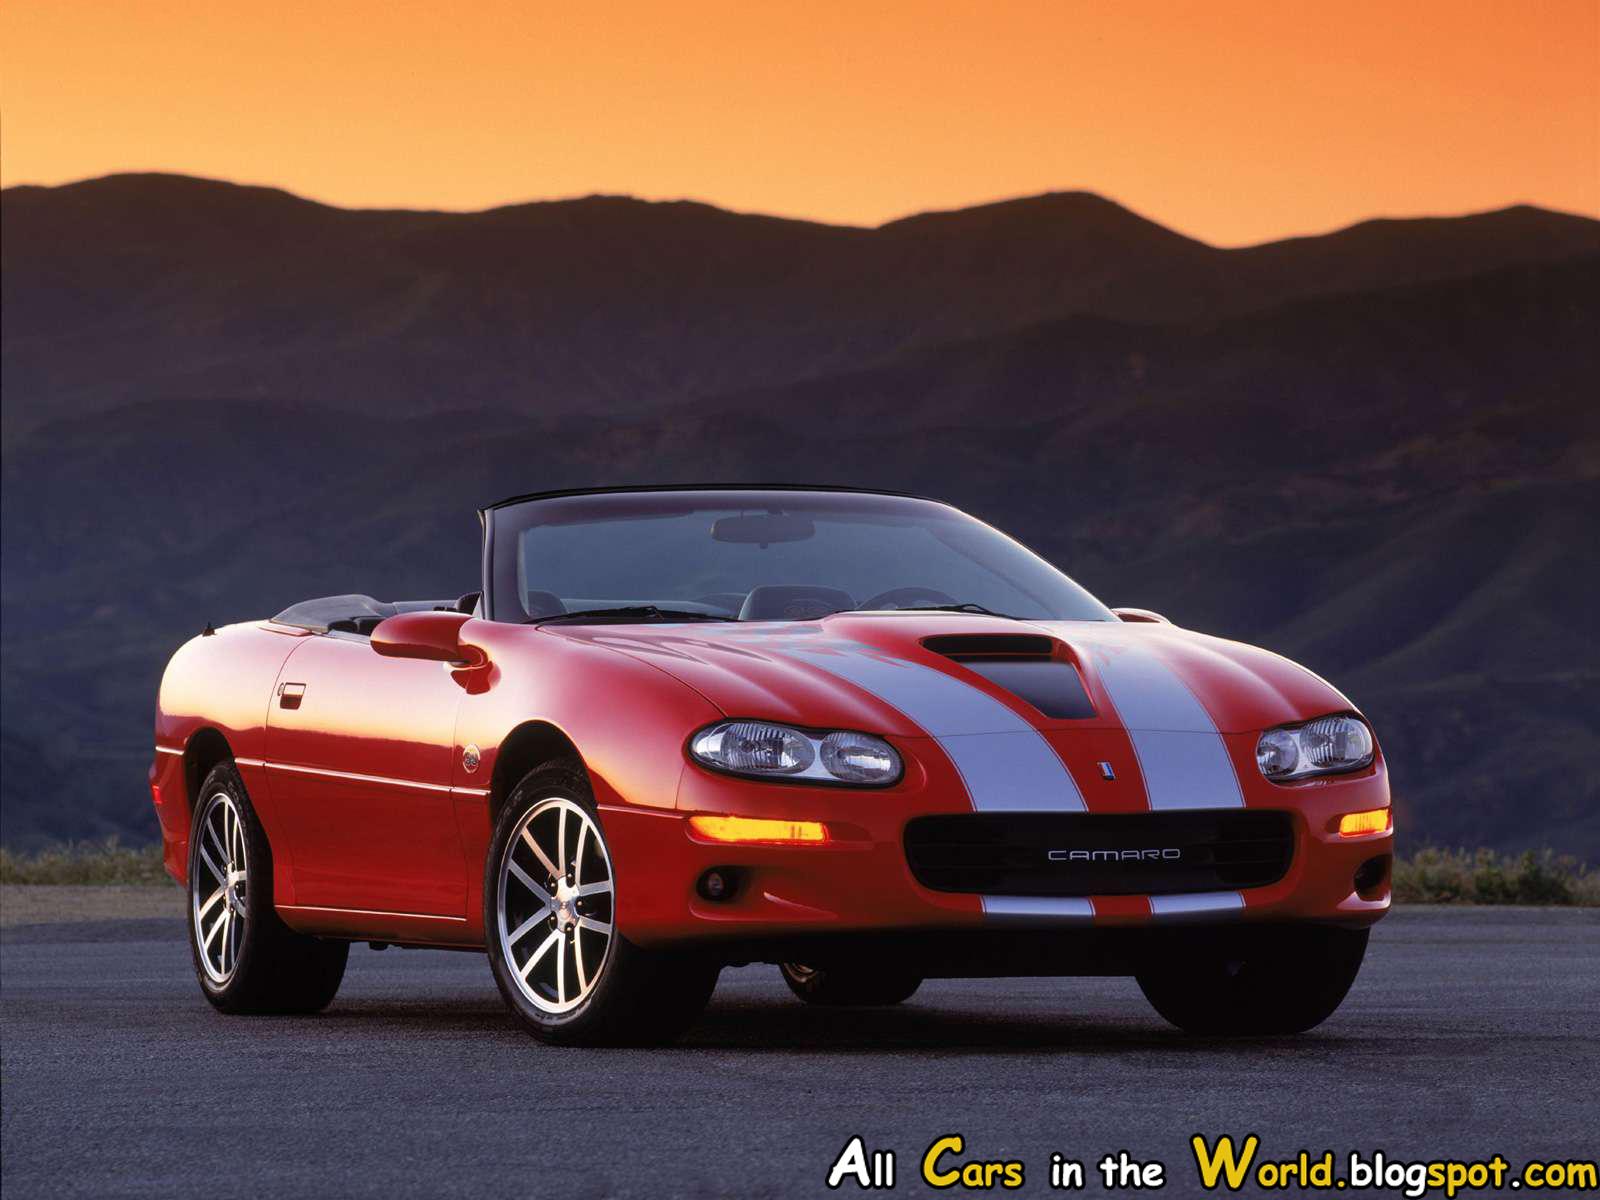 http://3.bp.blogspot.com/-UvvxtQ83dPg/UTEbVE08fOI/AAAAAAAAEMg/4EhUQPZx5WE/s1600/Chevrolet-Camaro_2002_1600x1200_wallpaper_01.jpg